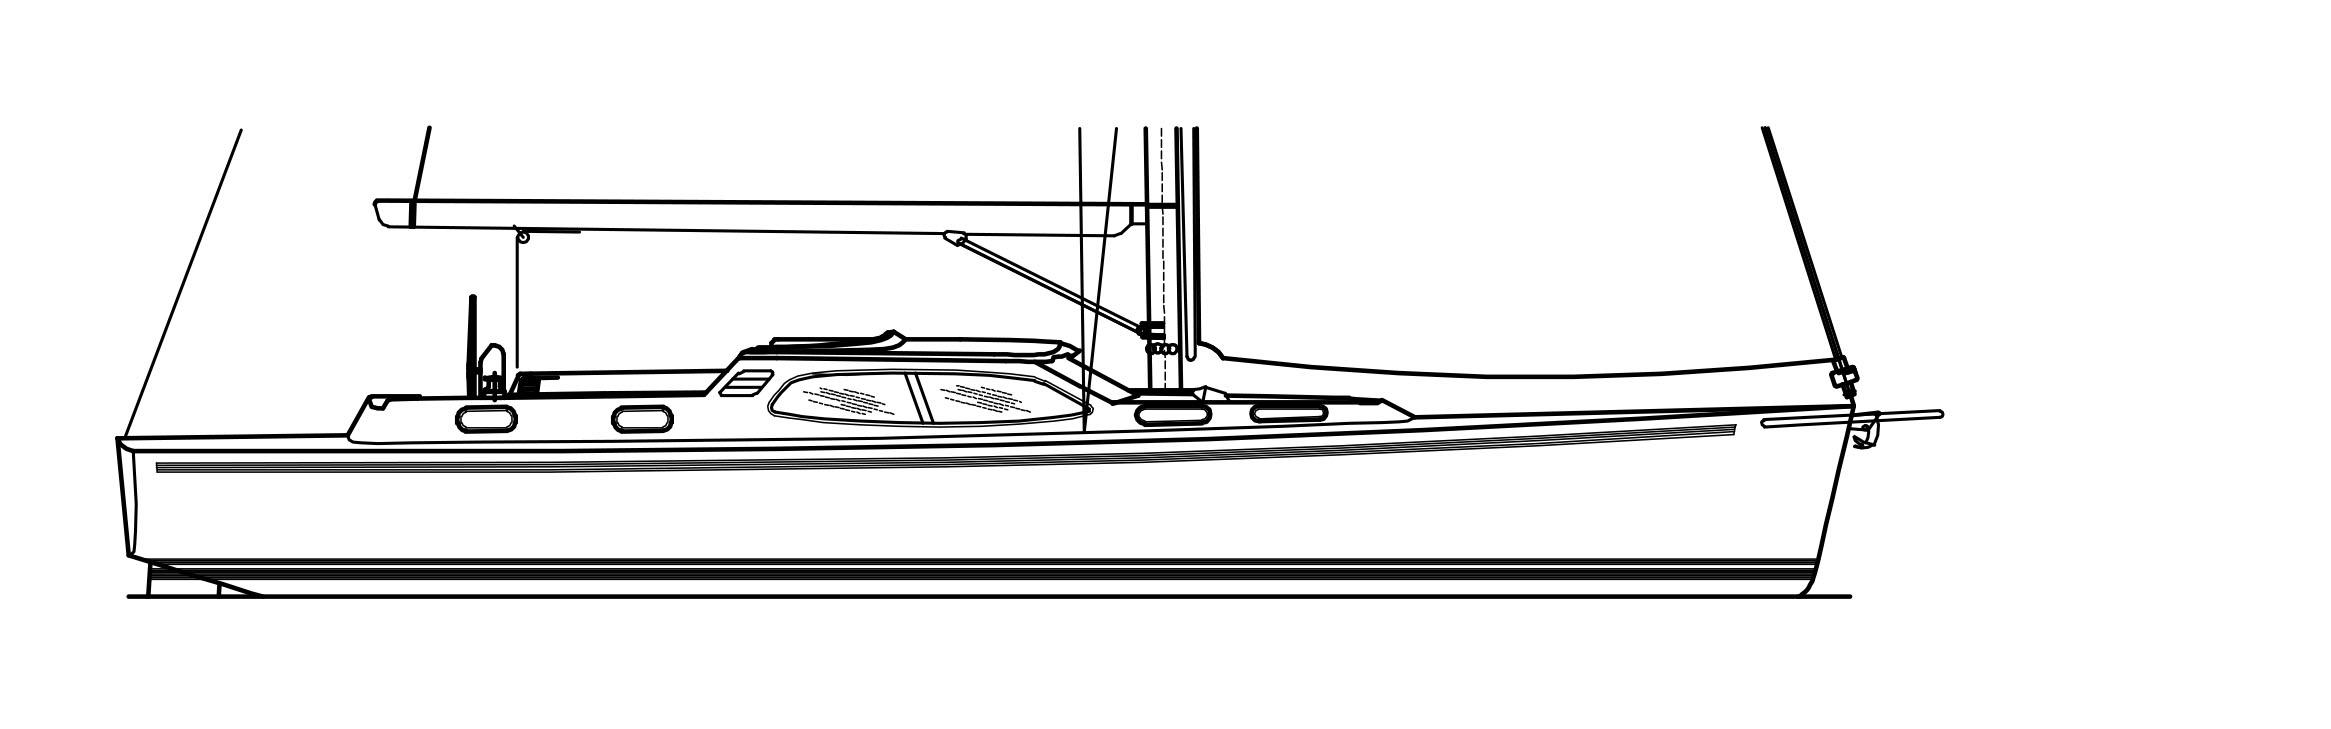 Nordship 49 deck saloon costum design